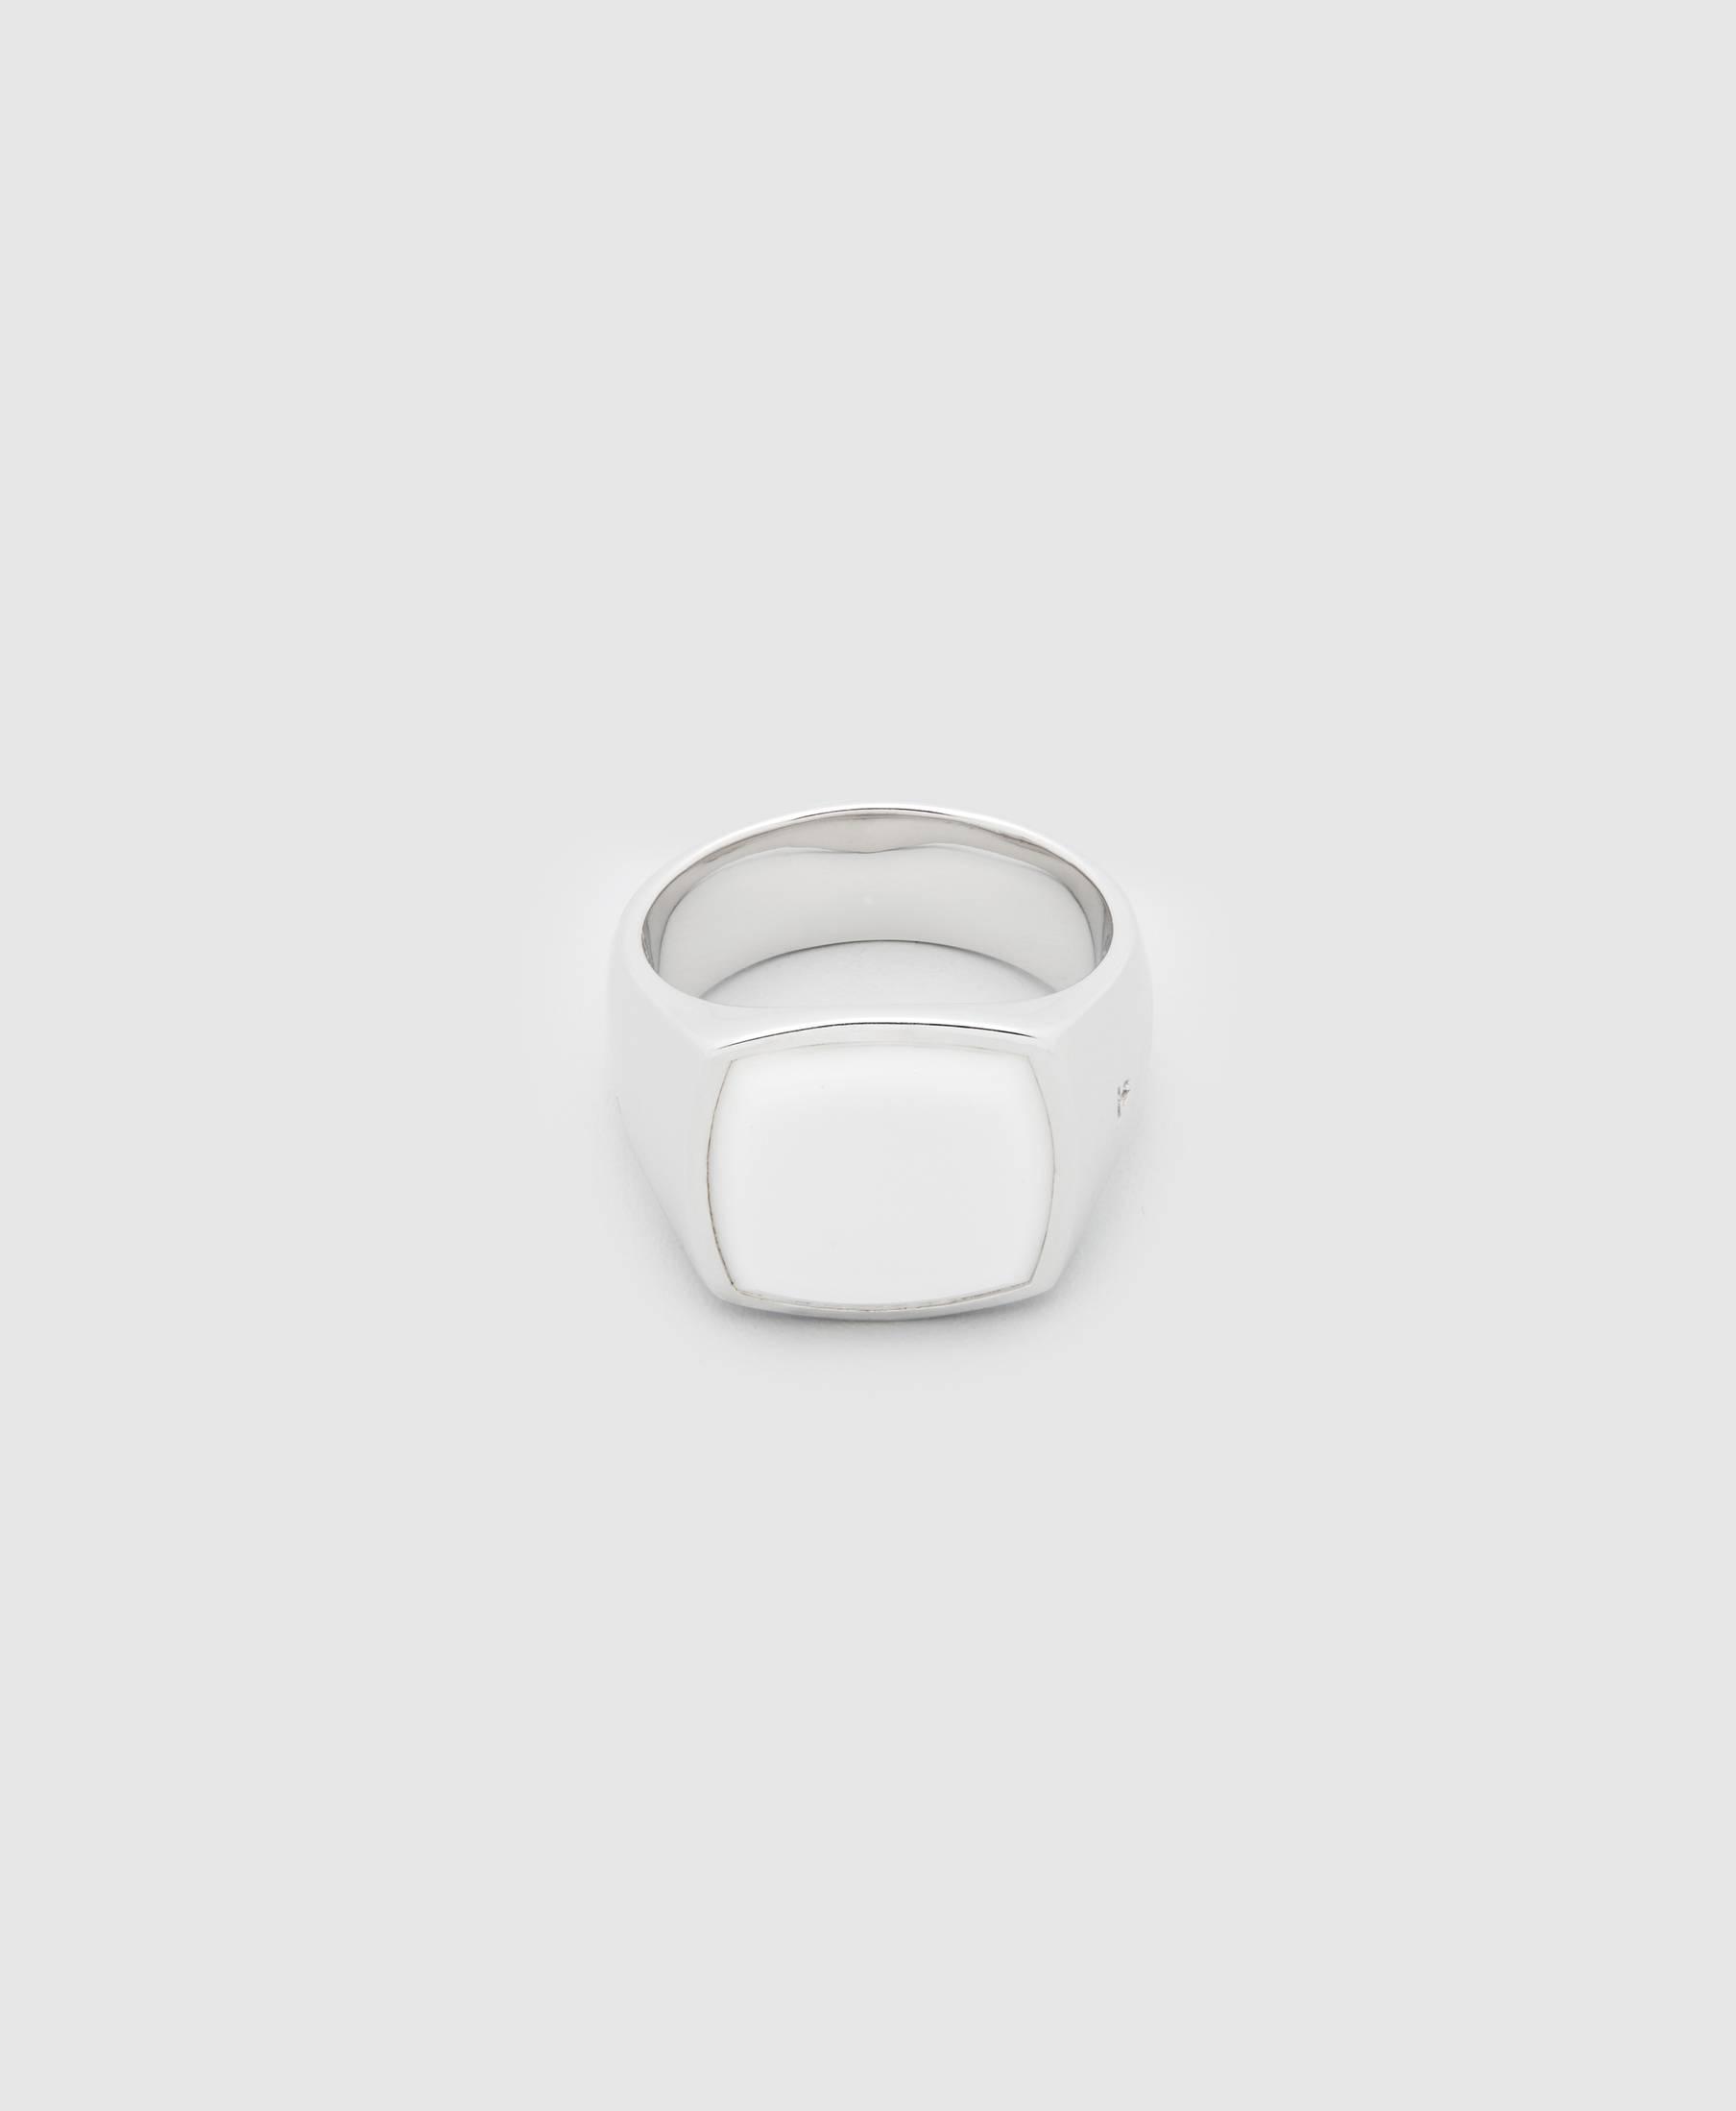 Cushion White Agate